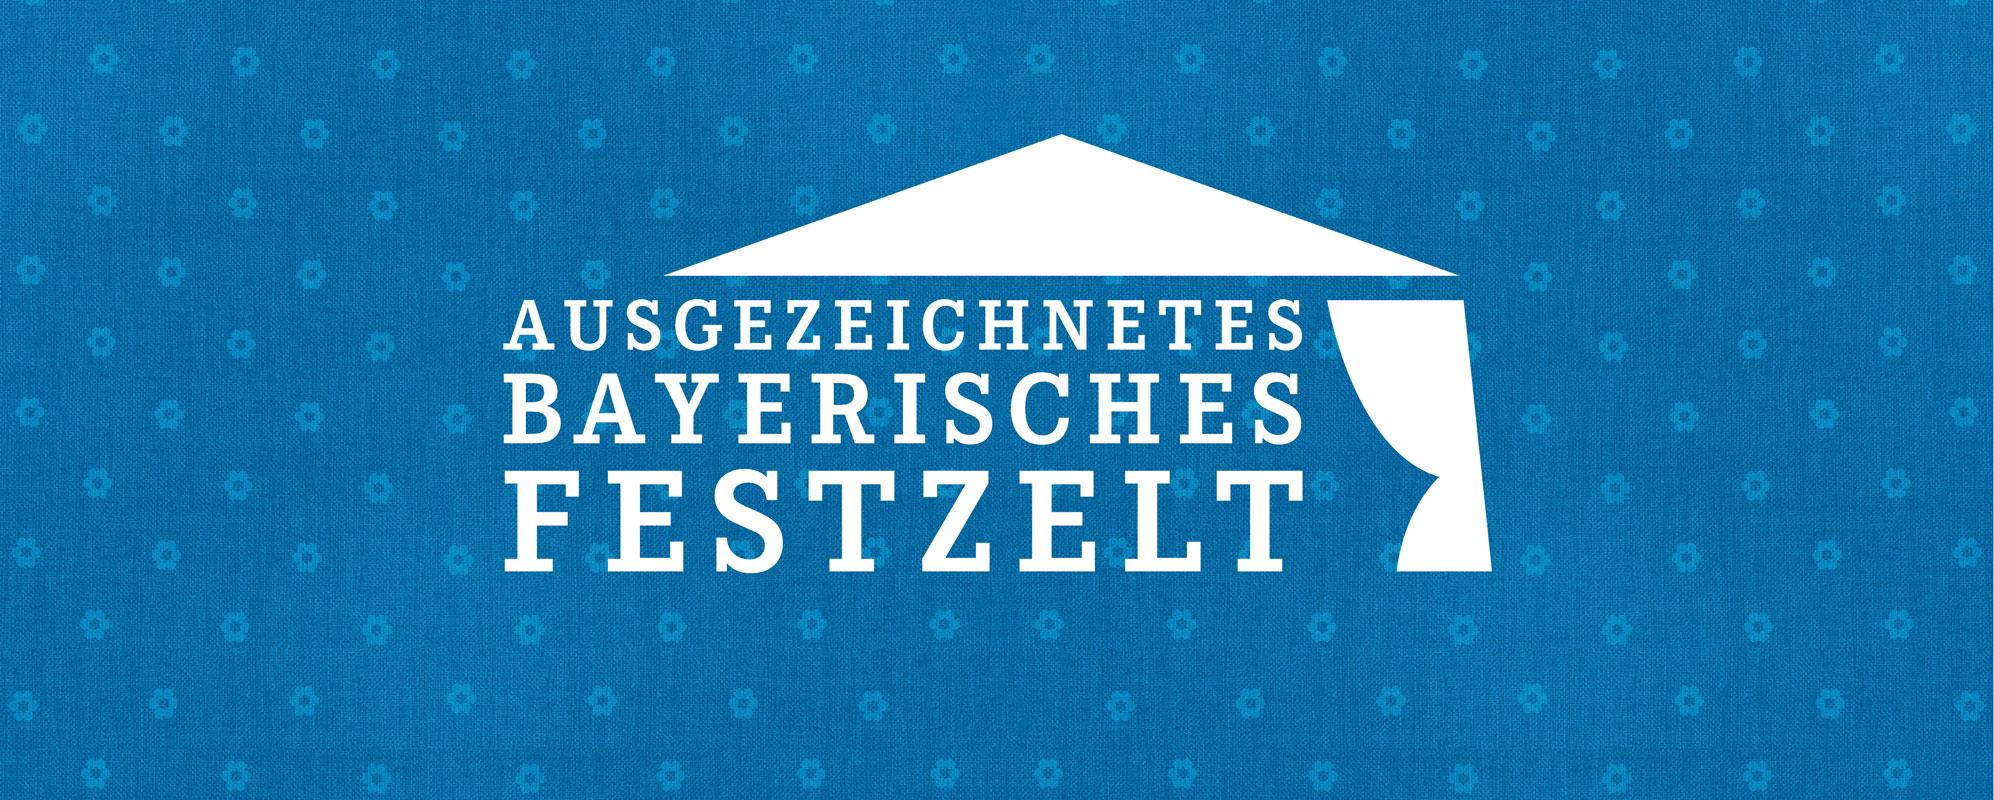 Ausgezeichnetes Bayerisches Festzelt Logo